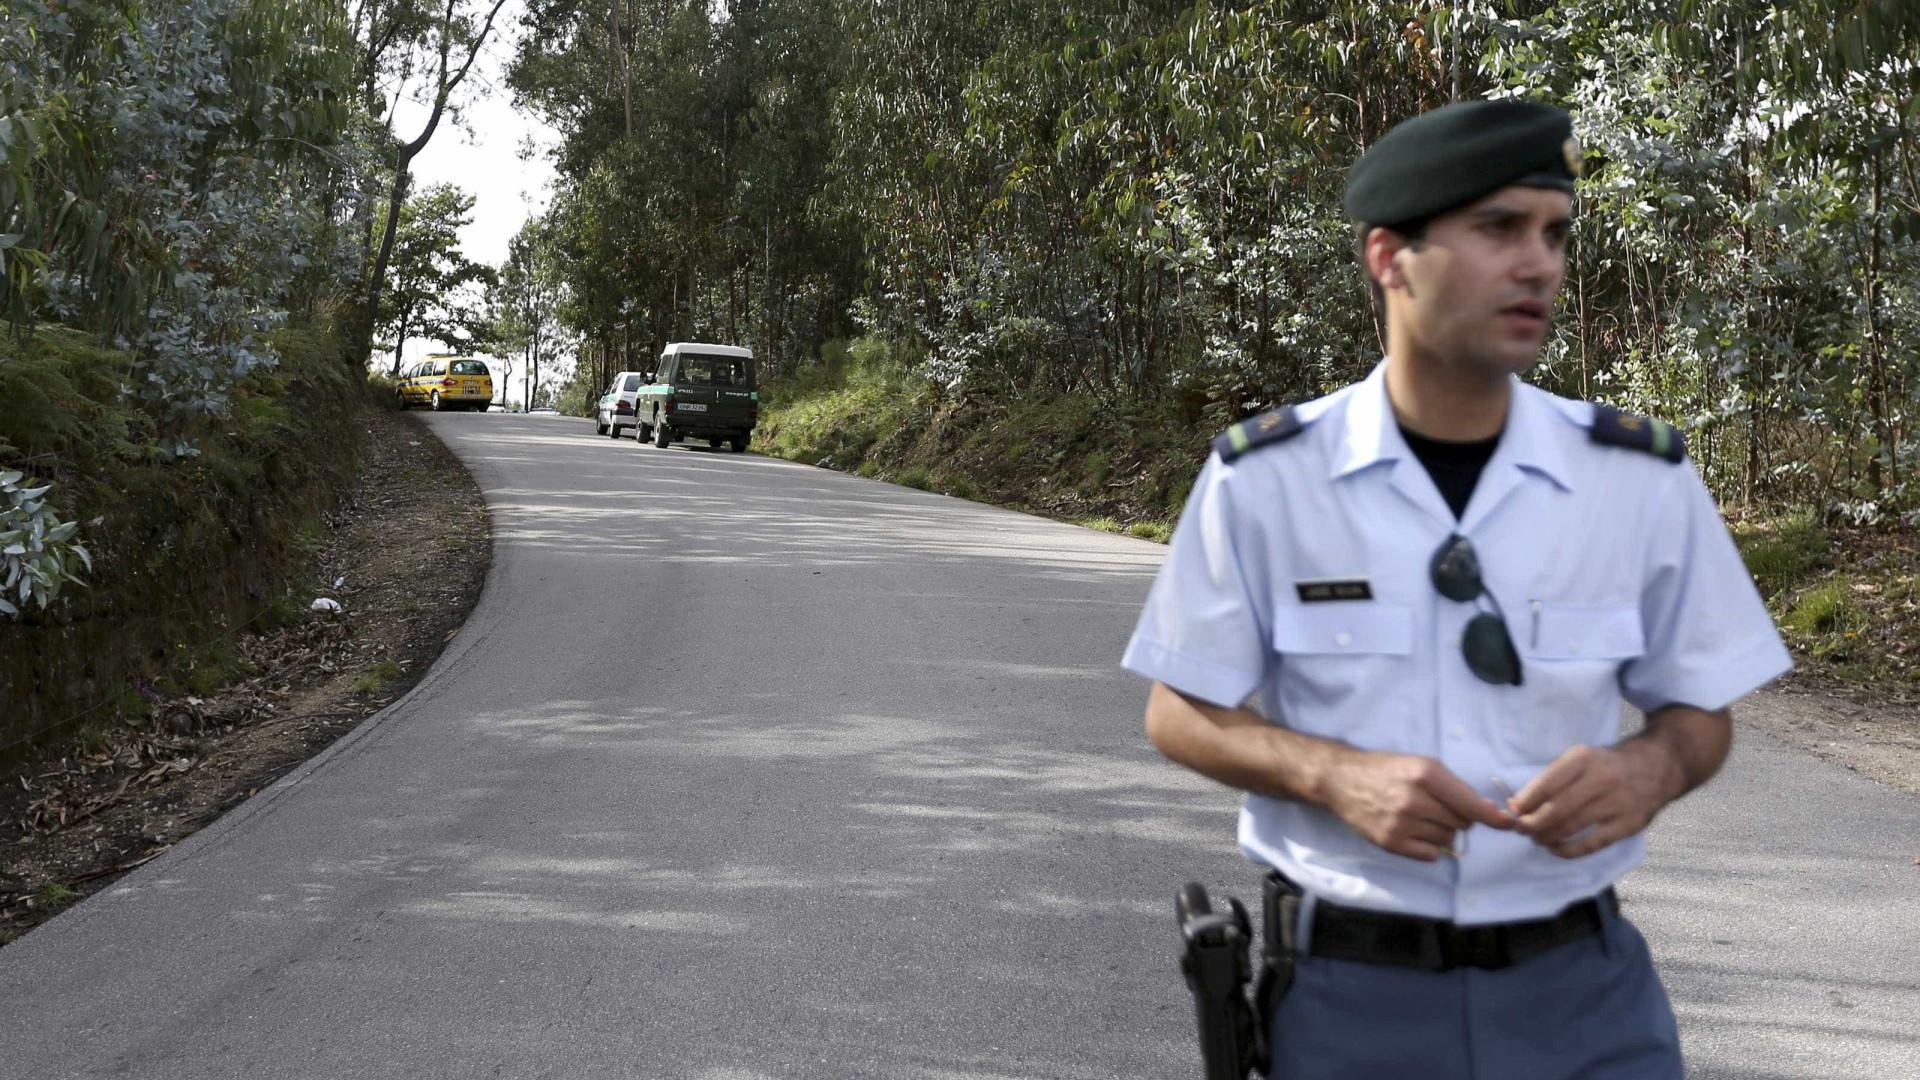 Identificados quatro suspeitos de incêndio após queimadas em Viseu